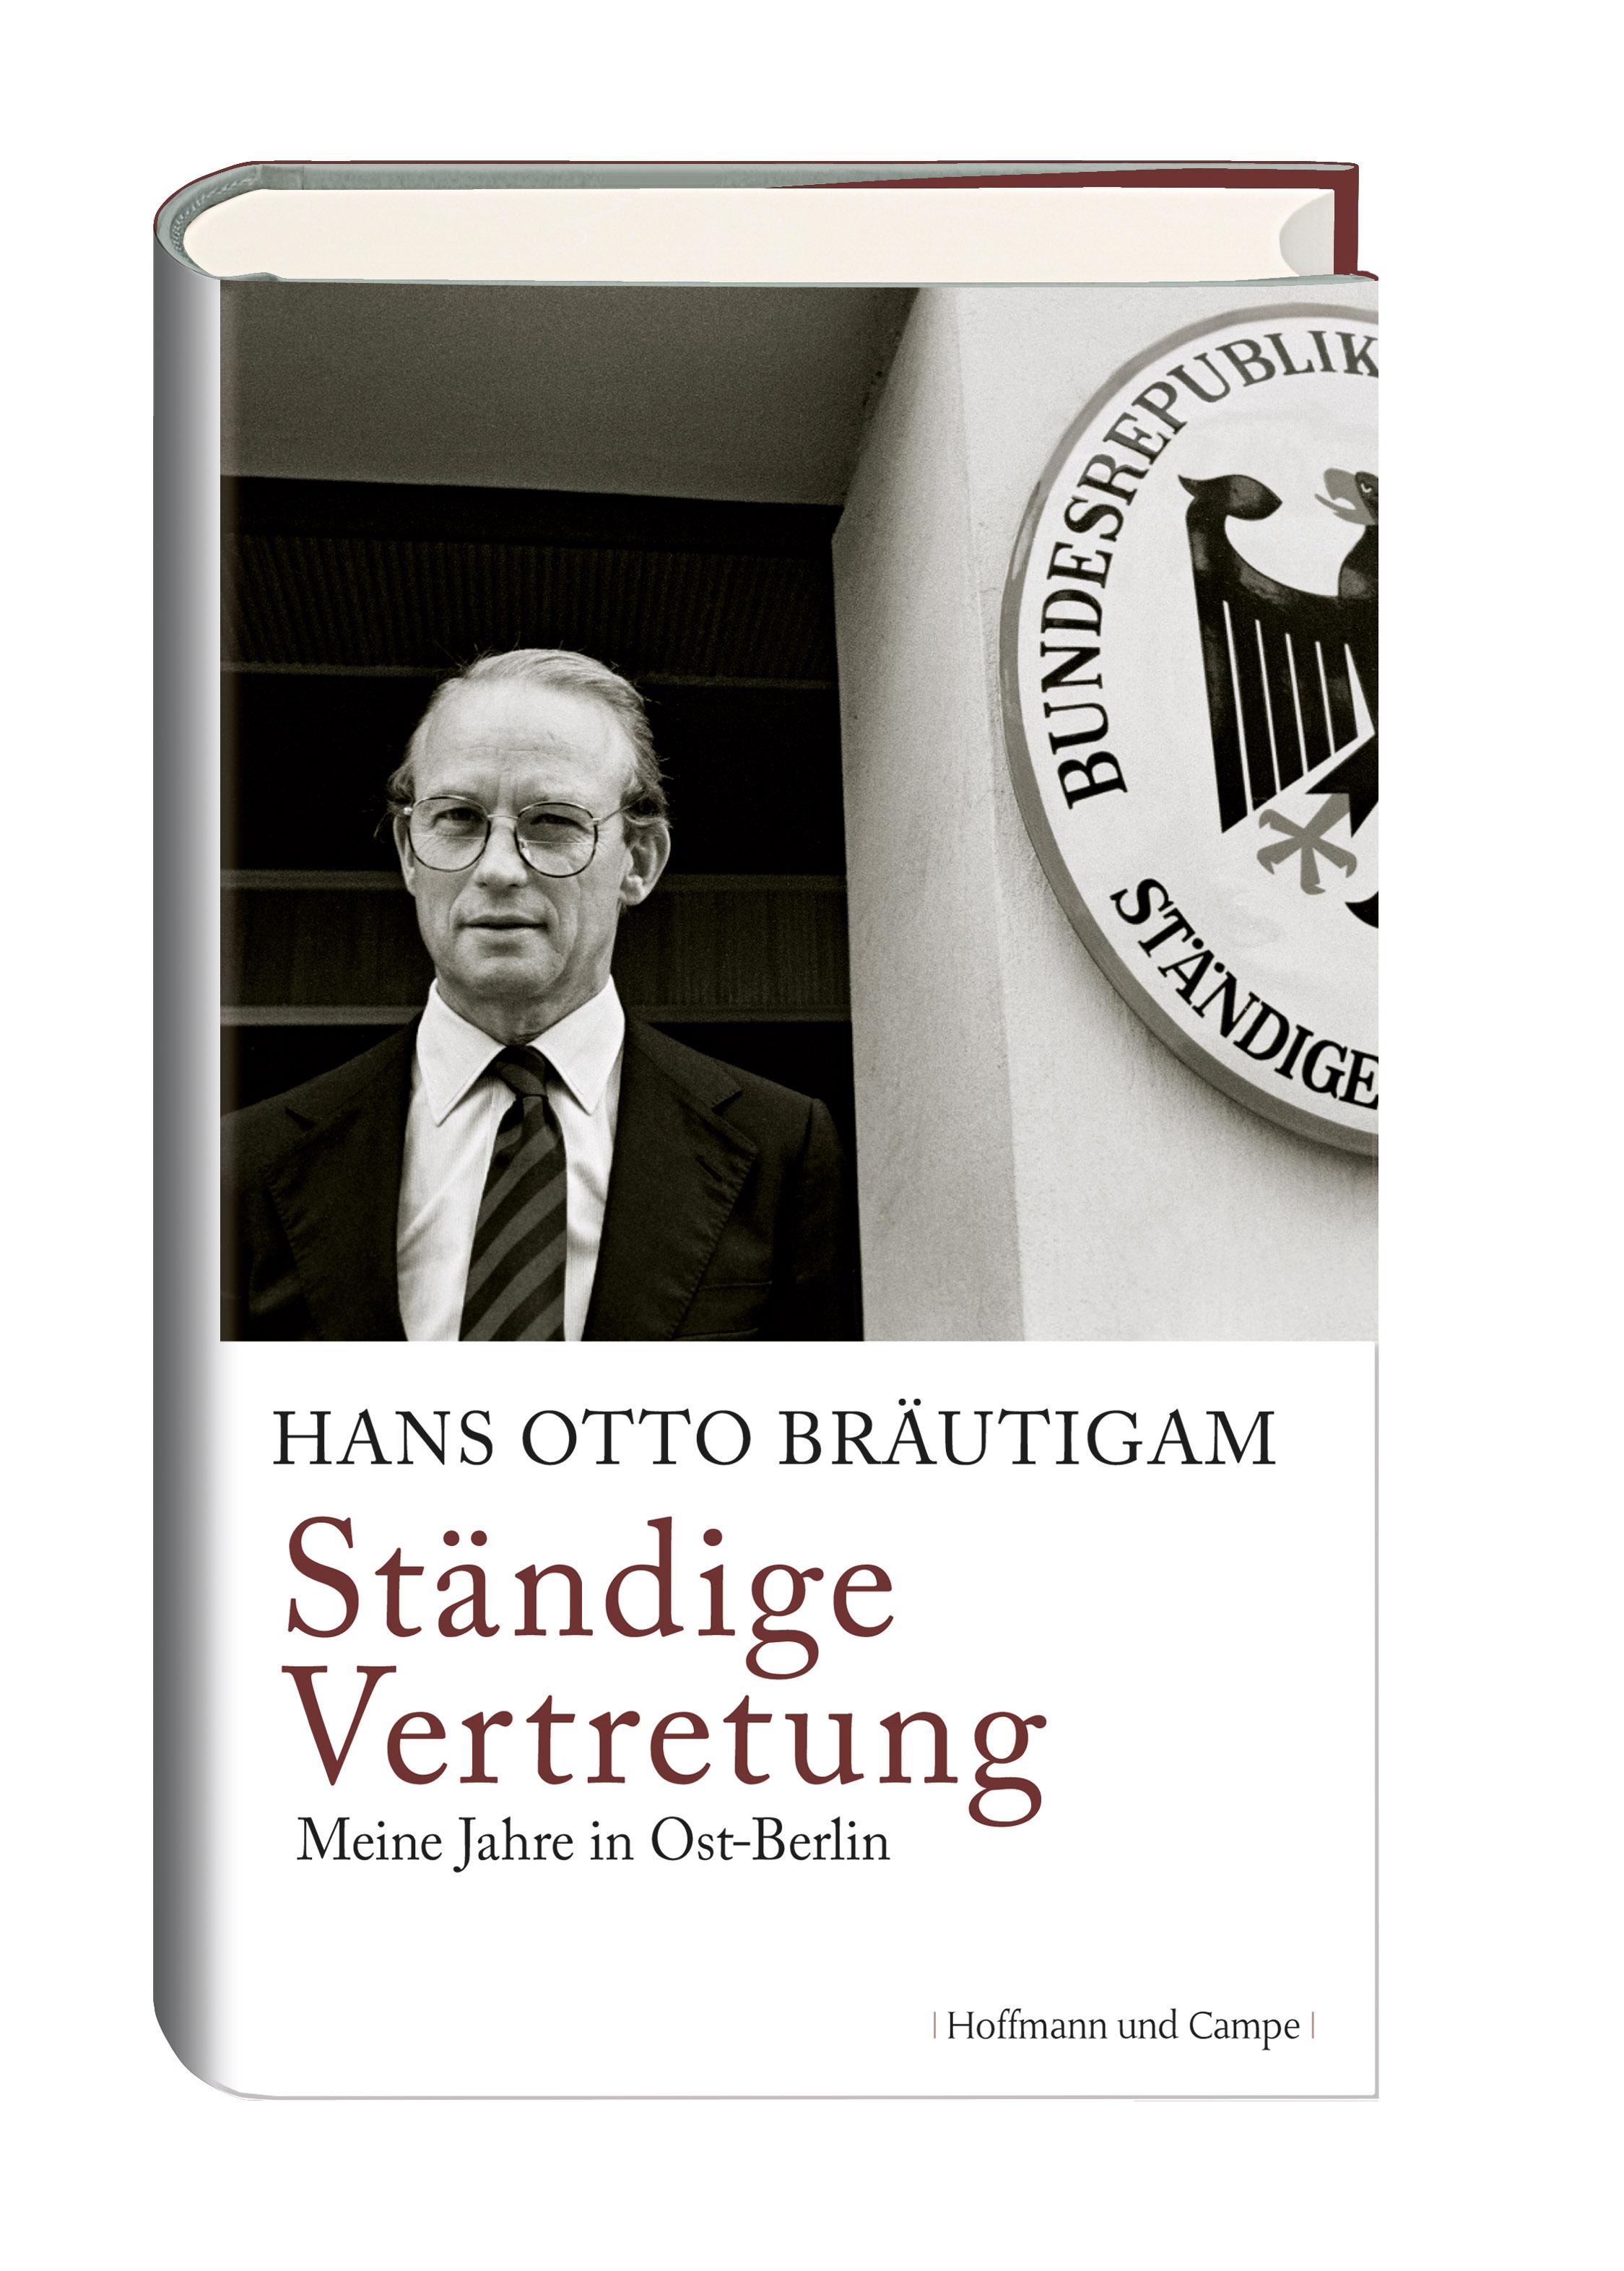 Hans Otto Bräutigam. Ständige Vertretung. Meine Jahre in Ost-Berlin